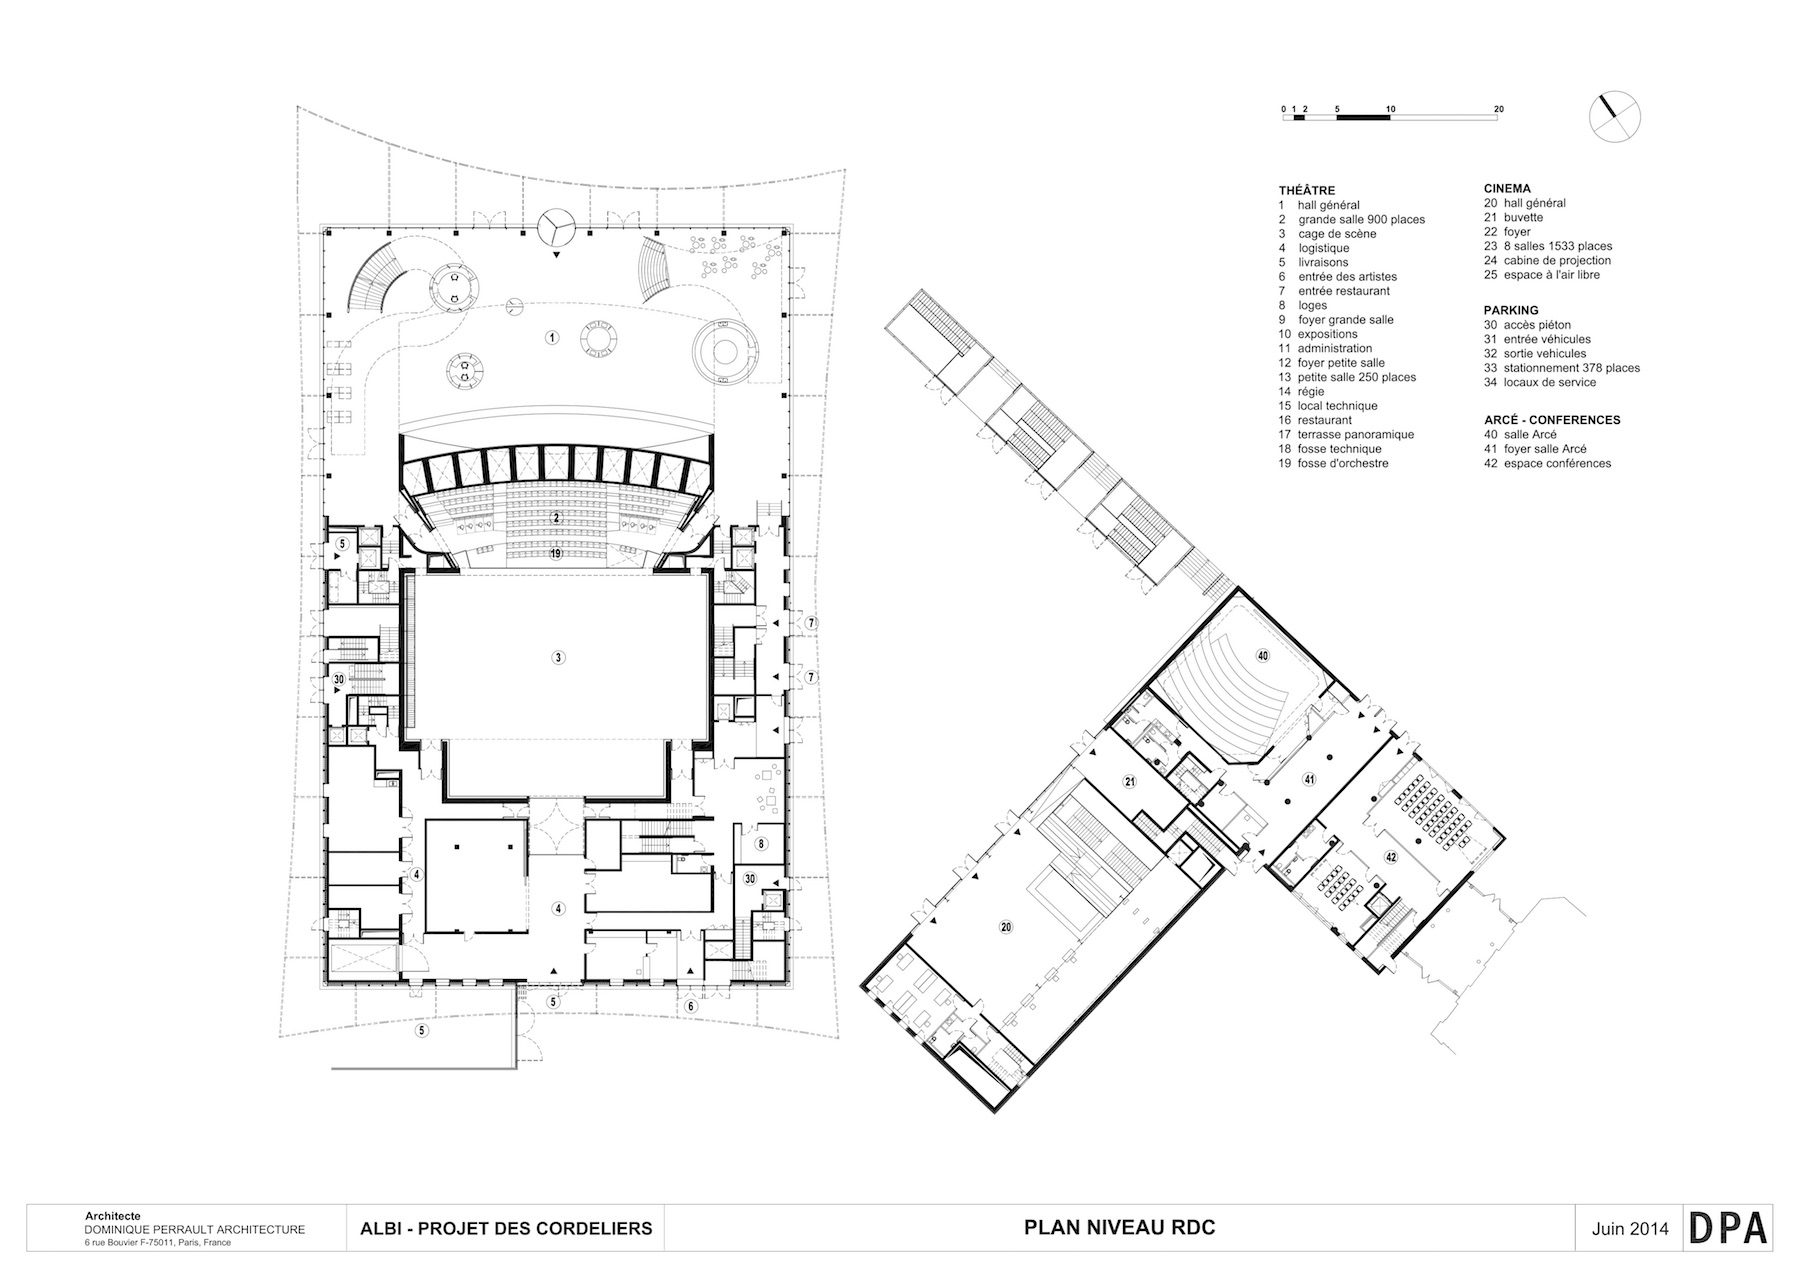 albi grand theatre arcdog Playhouse FM 1960 sketch dominique perrault adagp plans dominique perrault architecture adagp photos ge es fessy dominique perrault architecture adagp